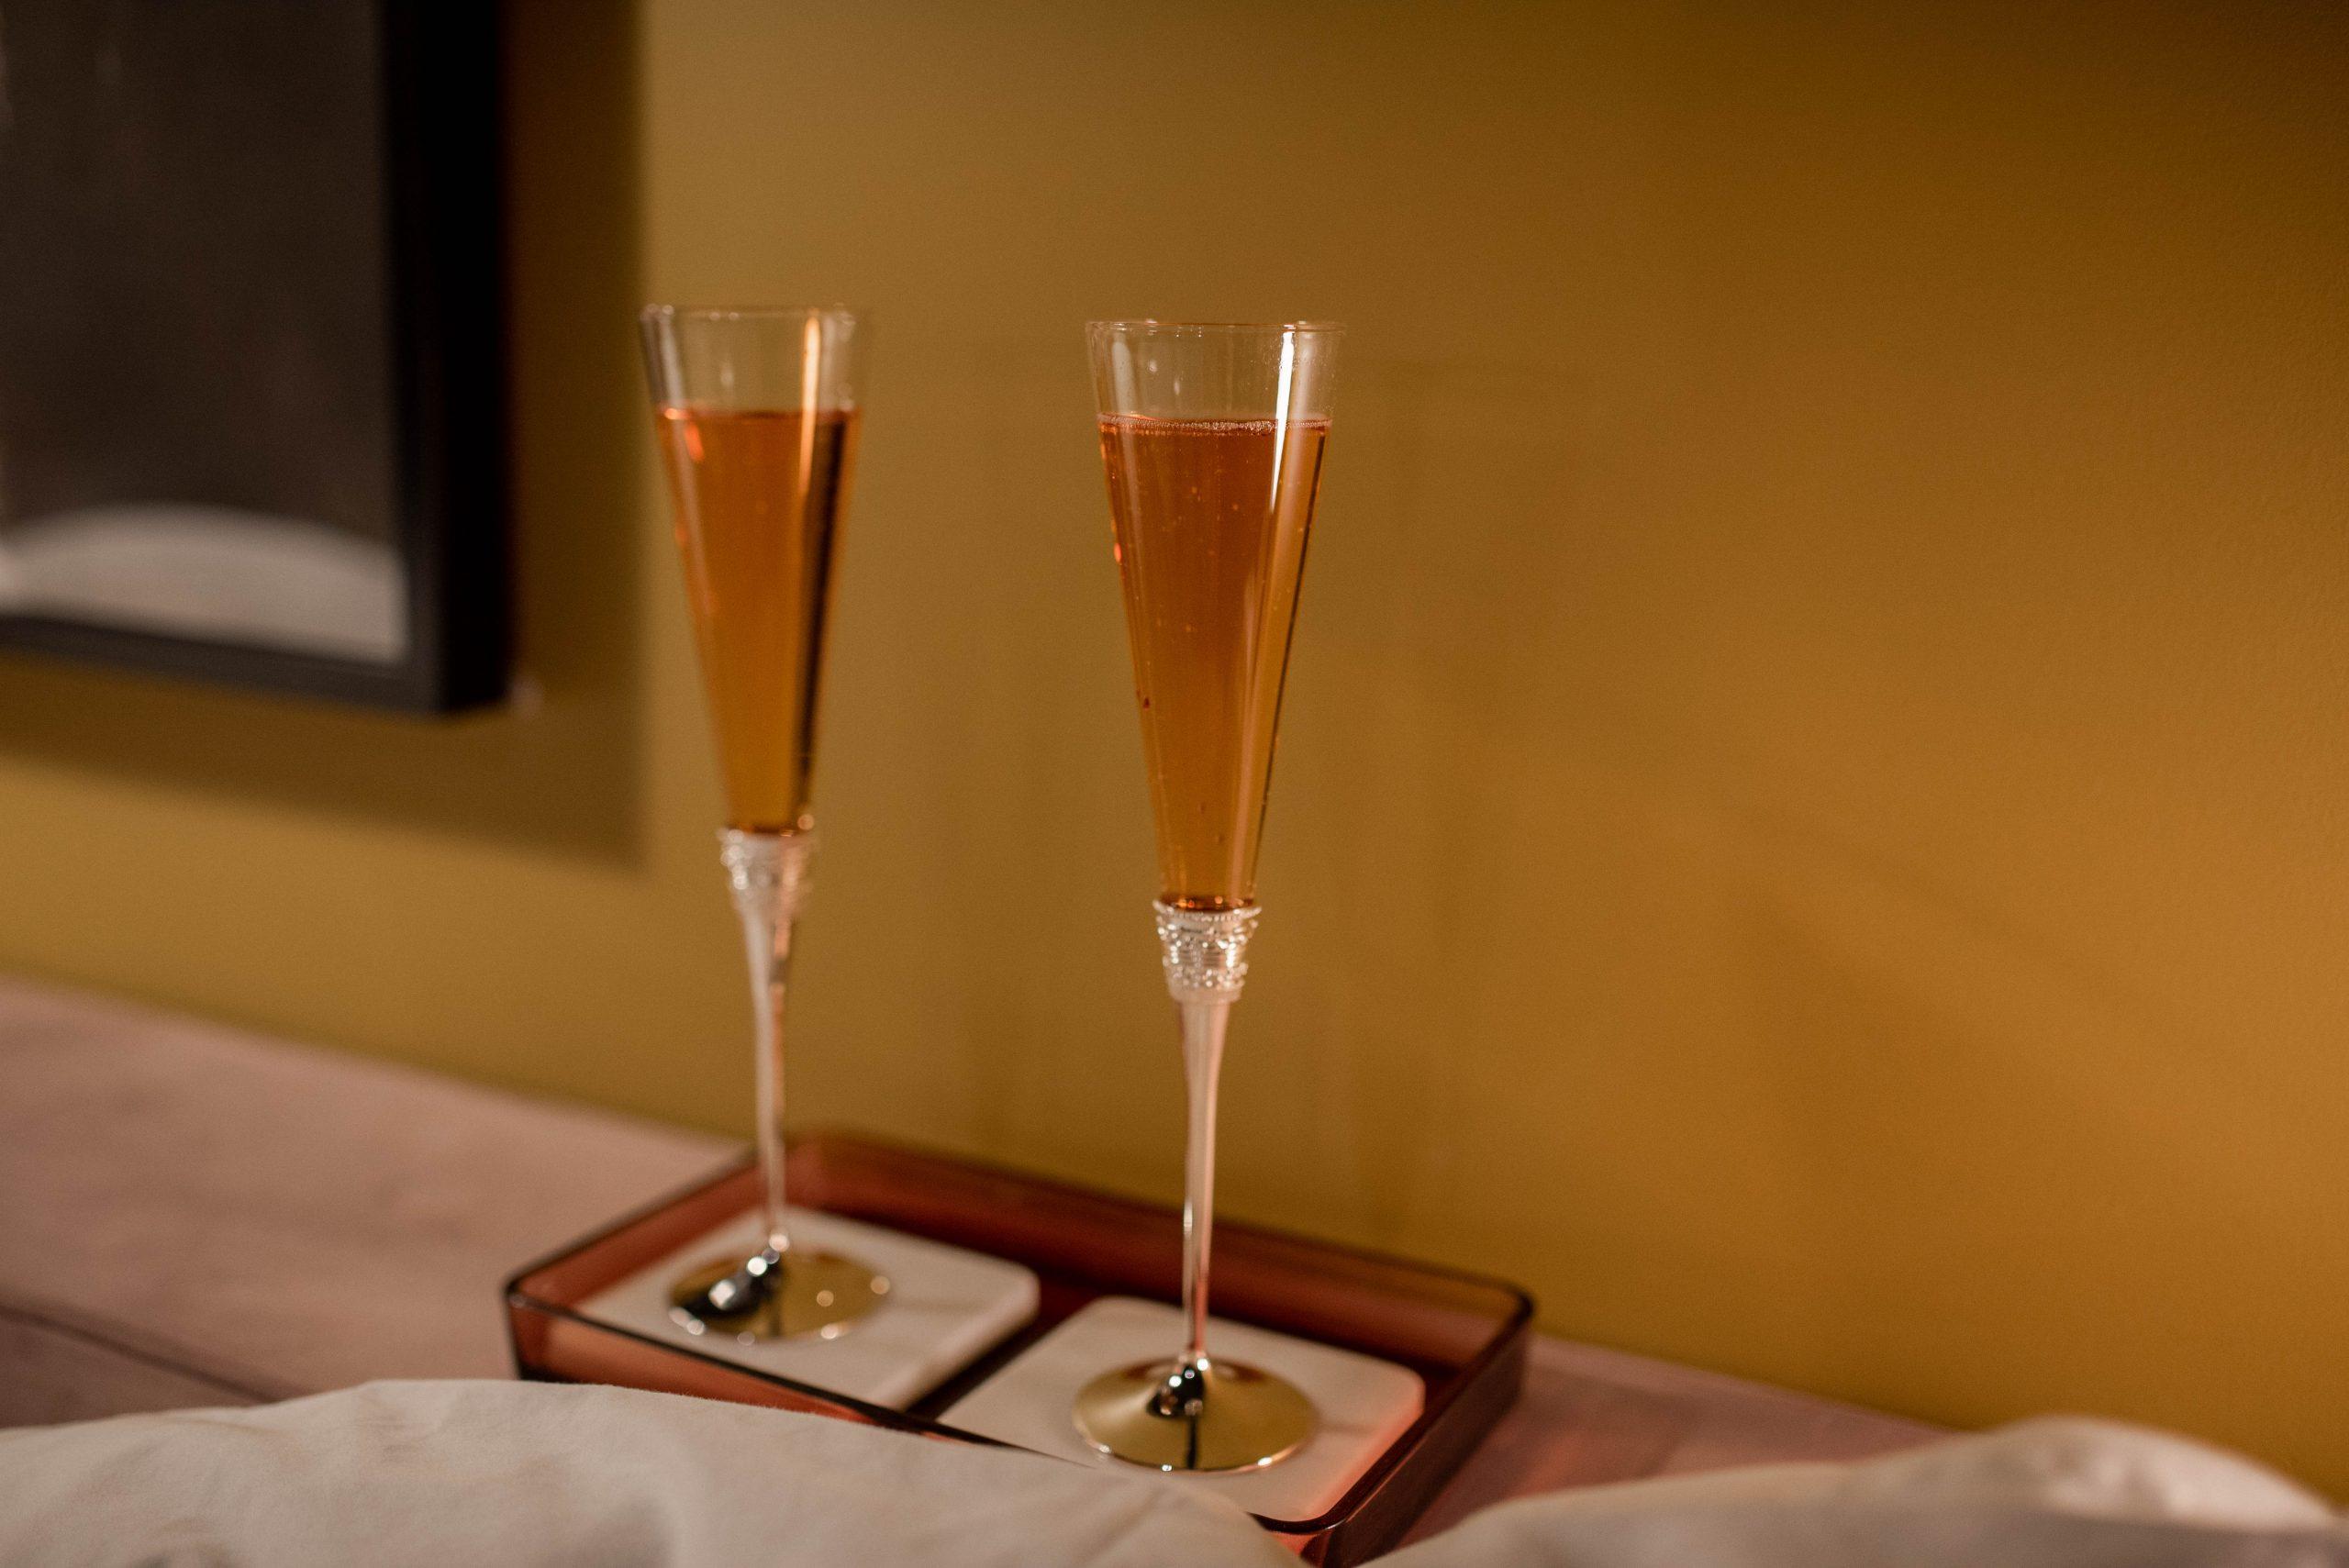 champagne at an inn